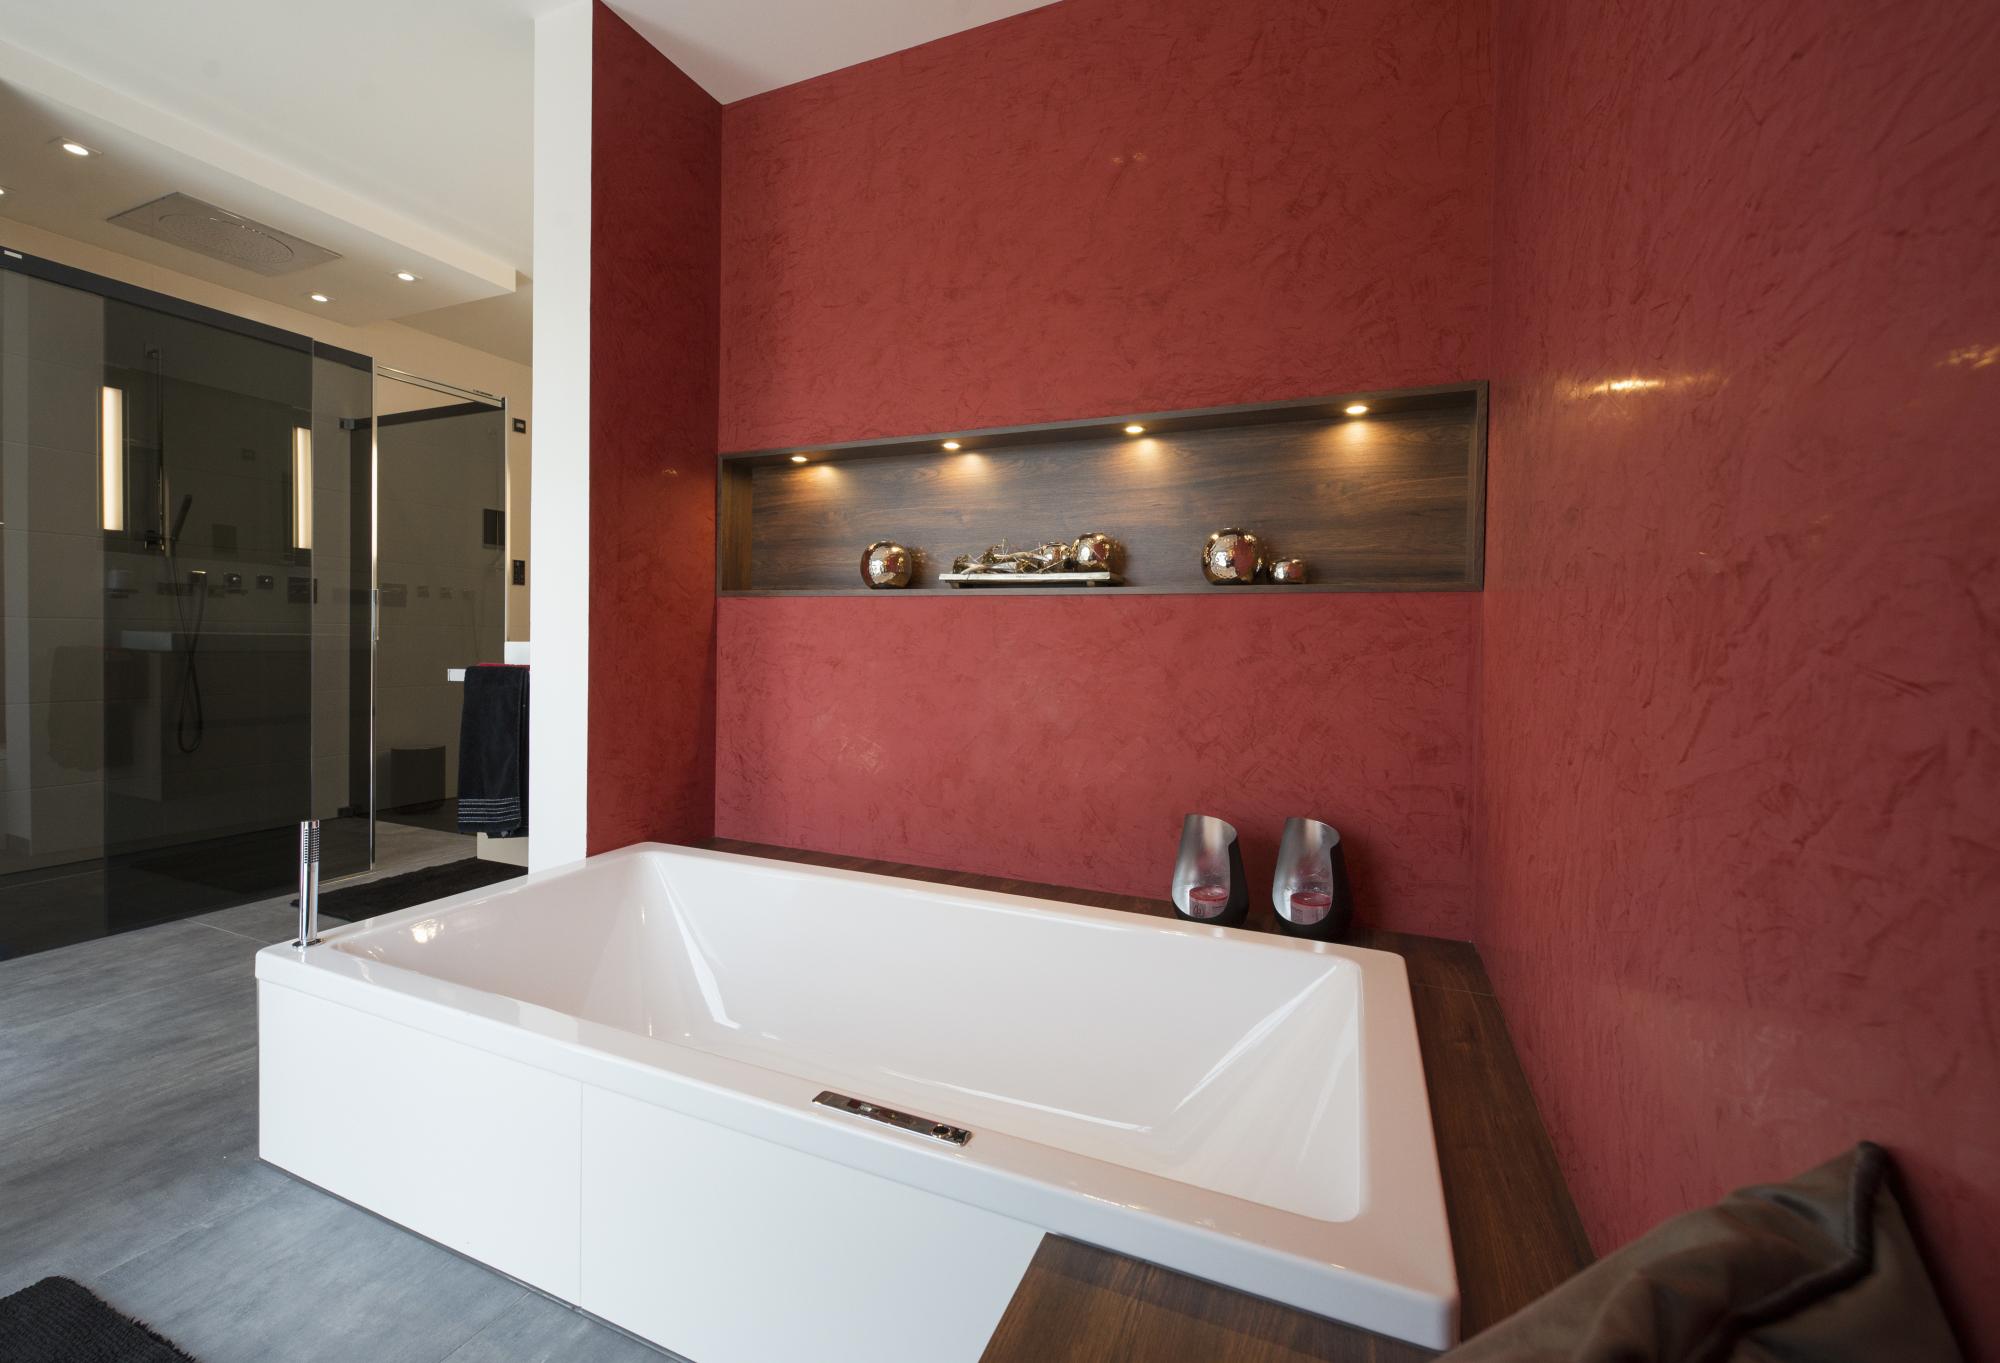 www.ideenraumgeben.de-exklusives-bad-mit-viel-wohlfuehlfaktor-badewanne-mit-holzumbau-1